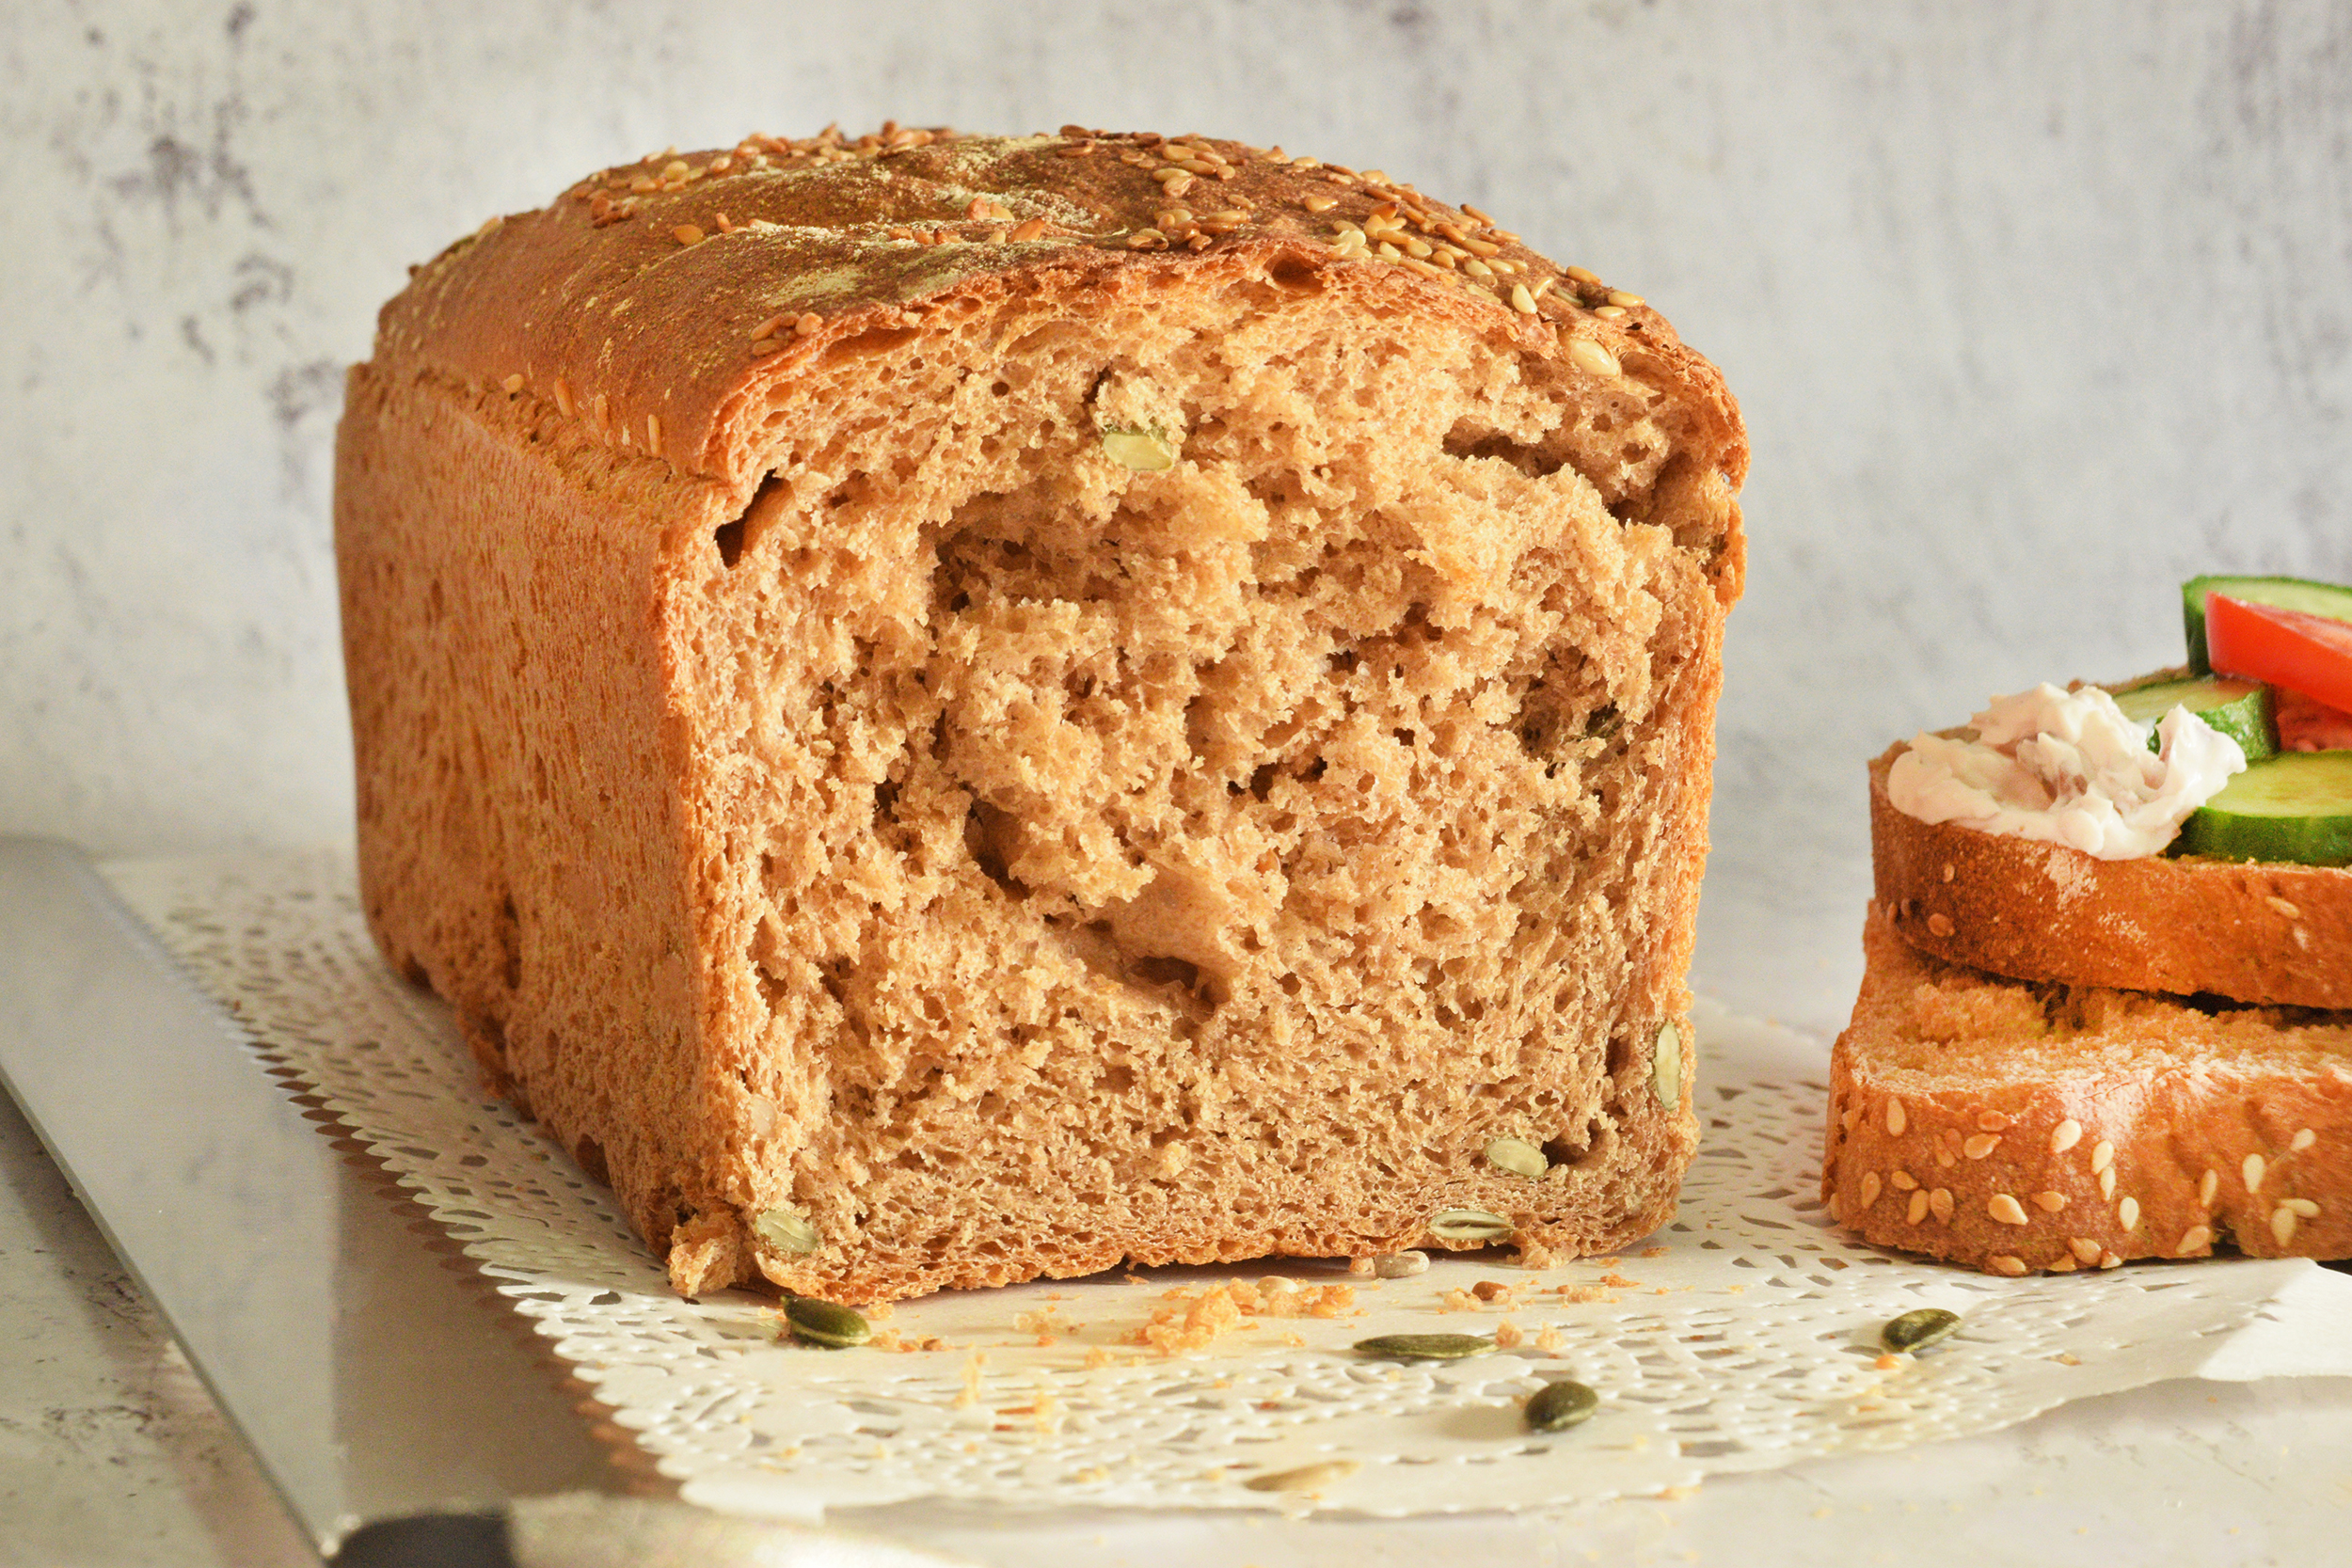 לחם מקמח כוסמין מלא עם גרעינים | צילום: ספיר דהן